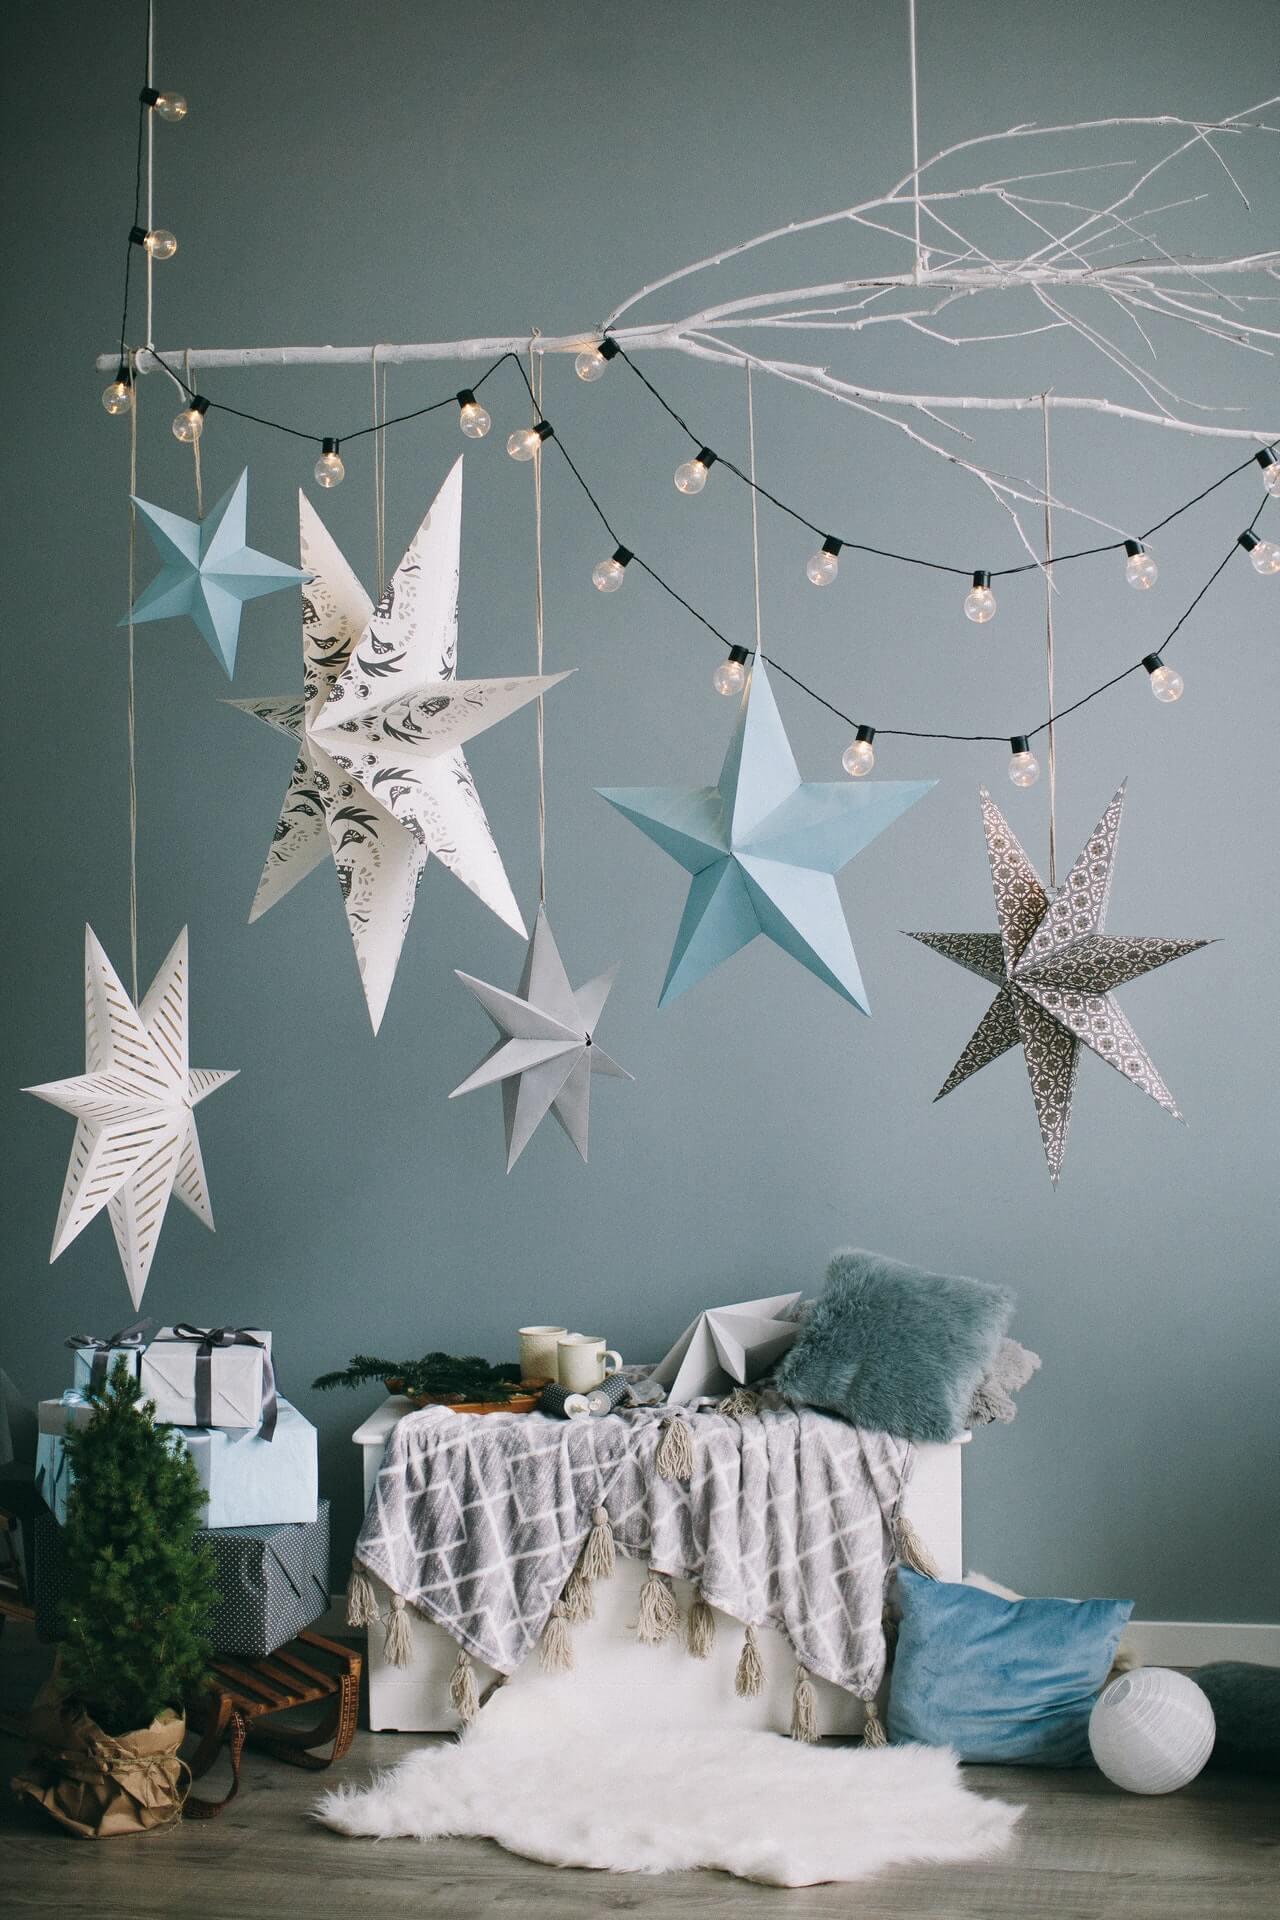 Descubre tu estilo de decoración navideña